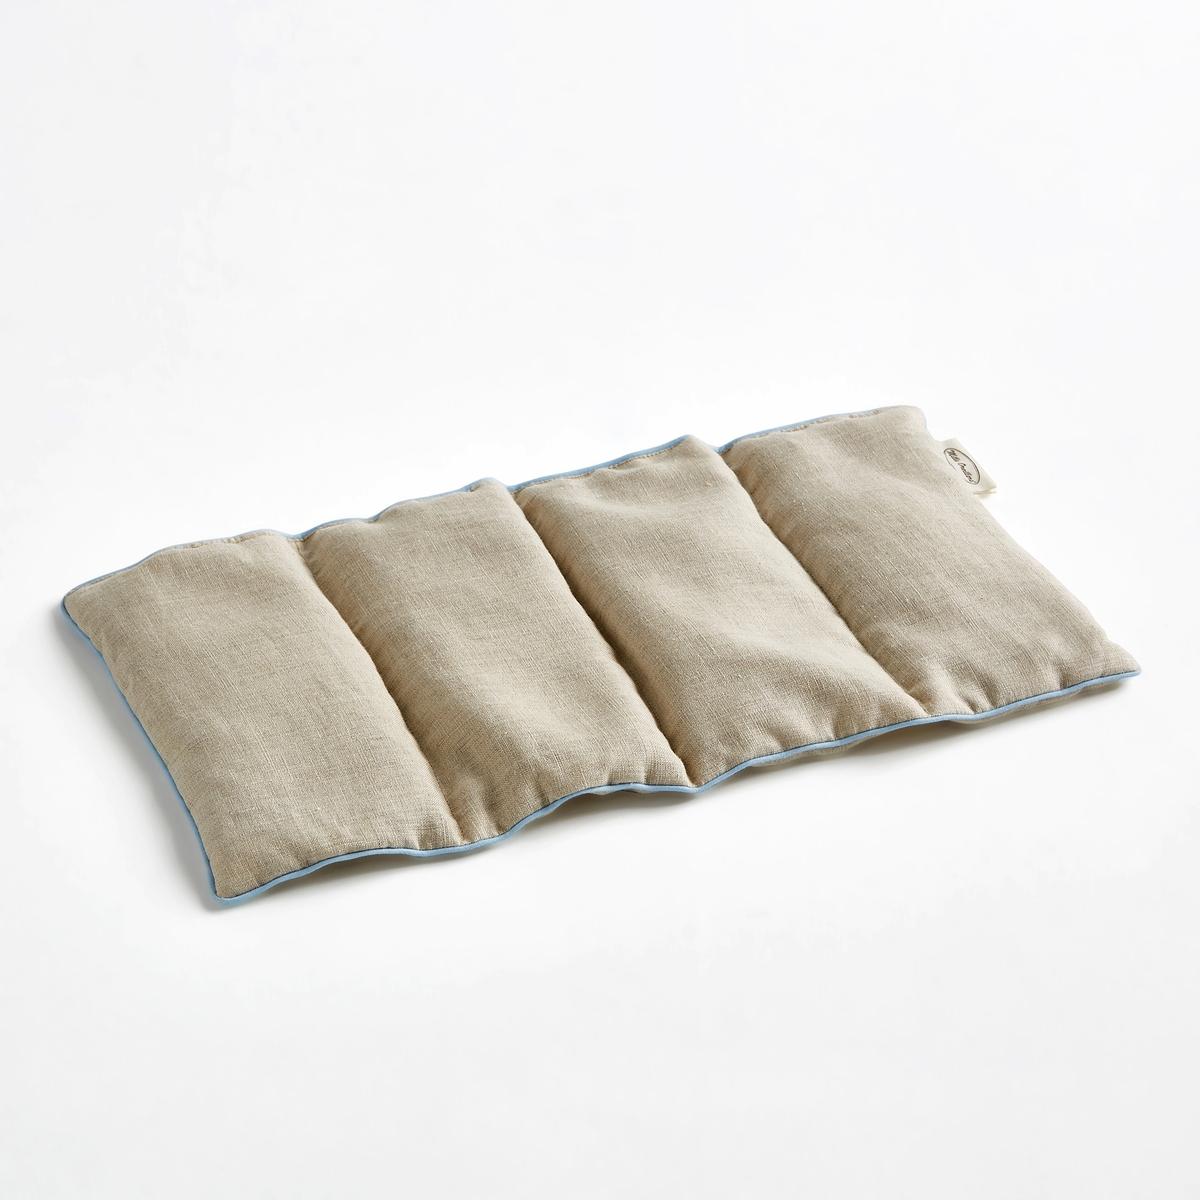 Грелка с семенами льна, AmarantusLa Redoute<br>Грелка с льняными семенами Amarantus. Разогретая грелка, напоминающая (не без основания) древние припарки, приятно согревает, оказывая болеутоляющий эффект. Её можно прикладывать к затылку, животу, суставам или просто использовать для согрева кровати..Разогрейте грелку в печи любого типа в течение нескольких минут и наслаждайтесь успокаивающими и болеутоляющими свойствами льна.!Богатые маслом льняные семена подарят нежное и успокаивающее тепло и несравненный аромат.. Характеристики : - Наполнитель: 100% льняное семя из Фландрии . - Верх из 100% французского льна, 4 равных отделения. - Не стирать. - Произведено во Франции.Использование: - Разогреть в микроволновой/ традиционной печи или на батарее, под наблюдением и после проделанных несколько раз тестов..- Можно использовать в холодном виде.Размеры : - 20 x 40 см.<br><br>Цвет: экрю